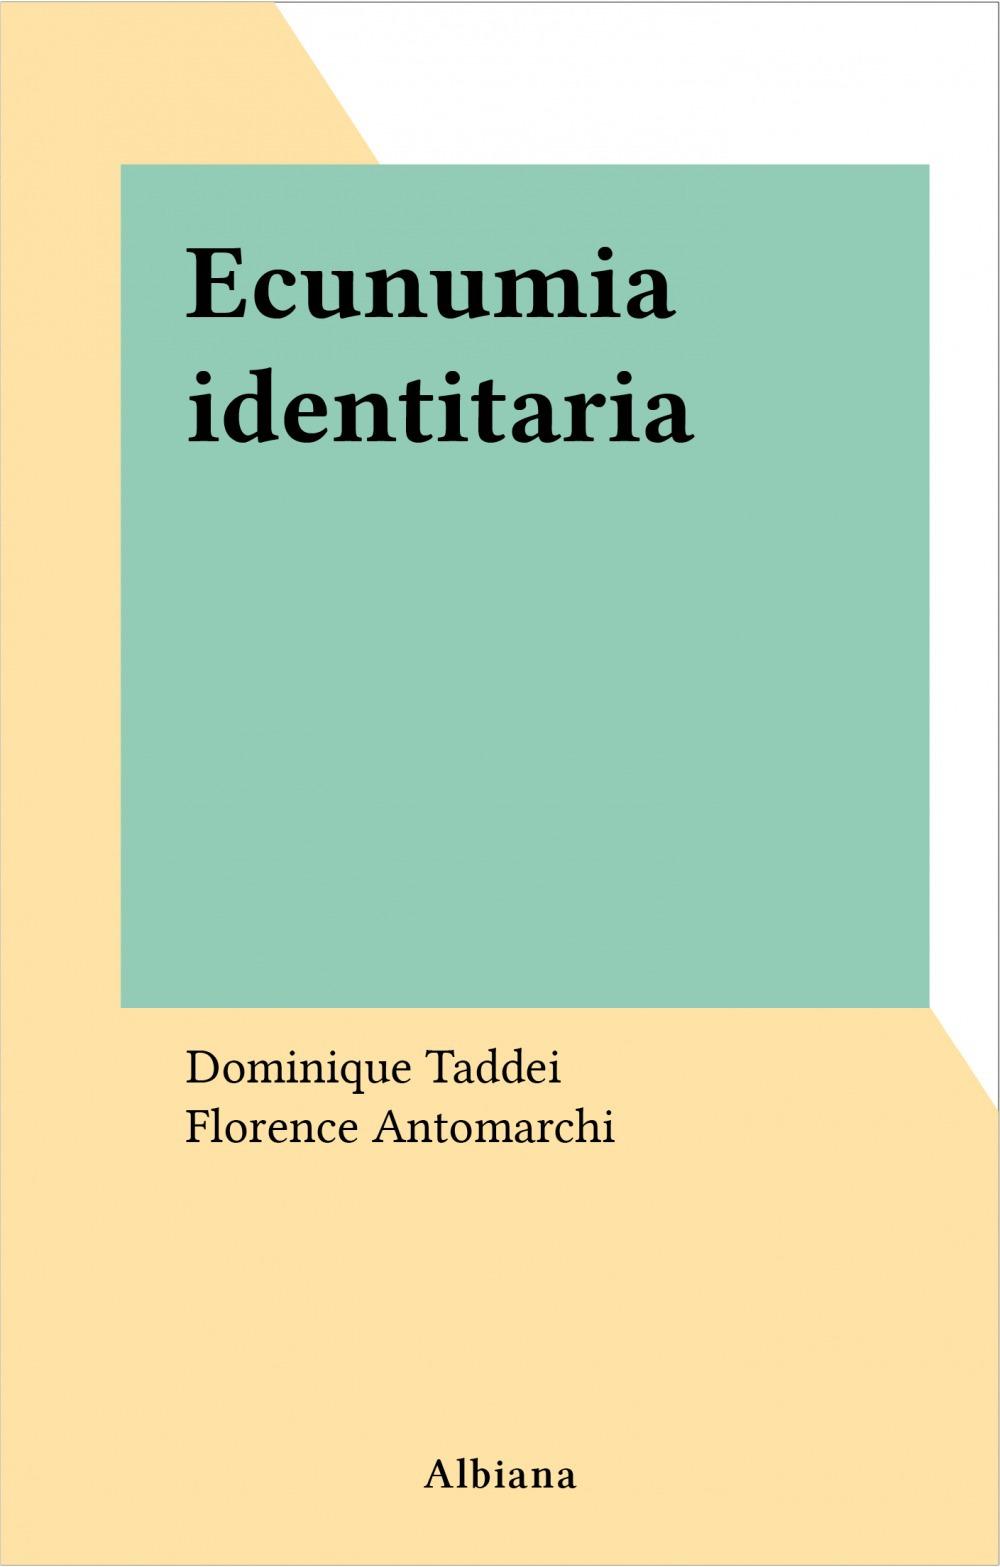 Economie + identite - ecunumia identitaria